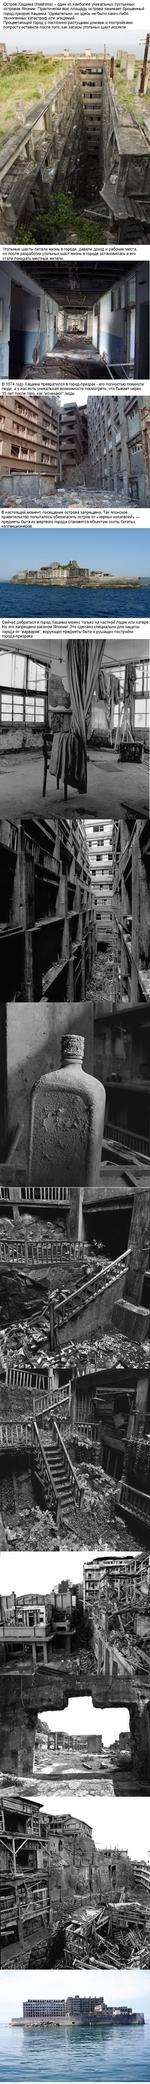 Хашима - закрытый мёртвый Японский город